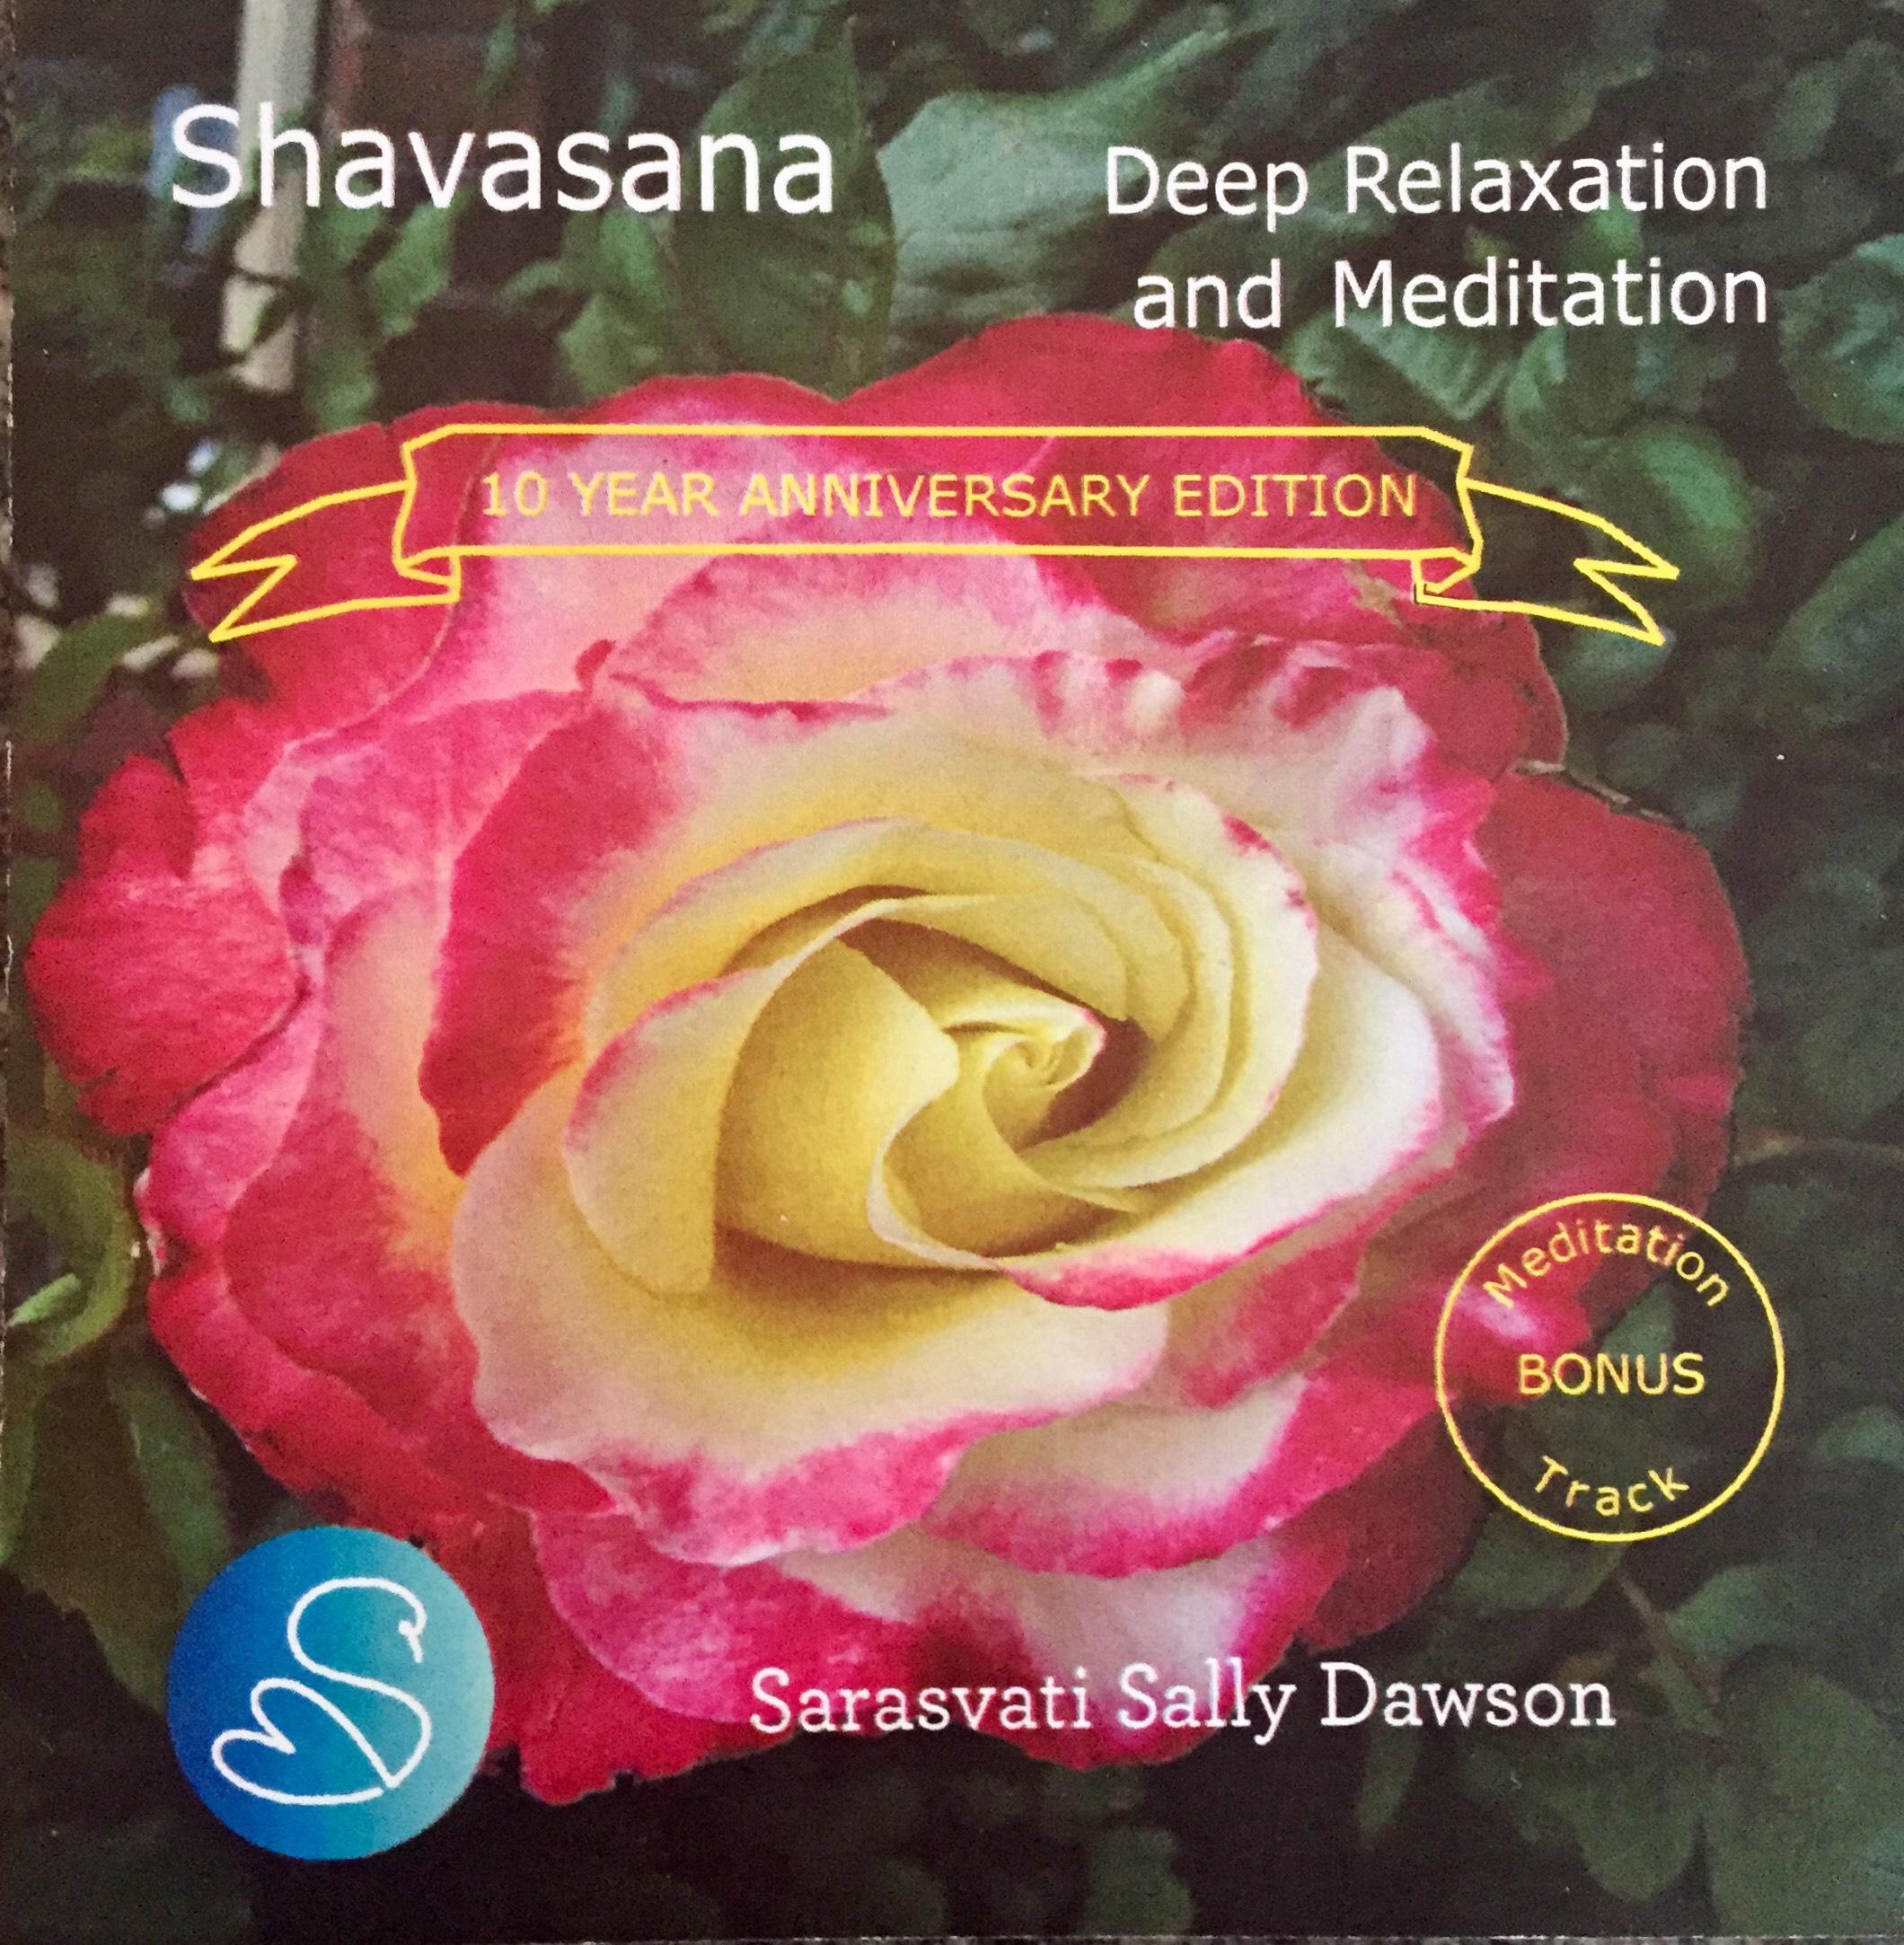 Shavasana Deep Relaxation and Meditation CD